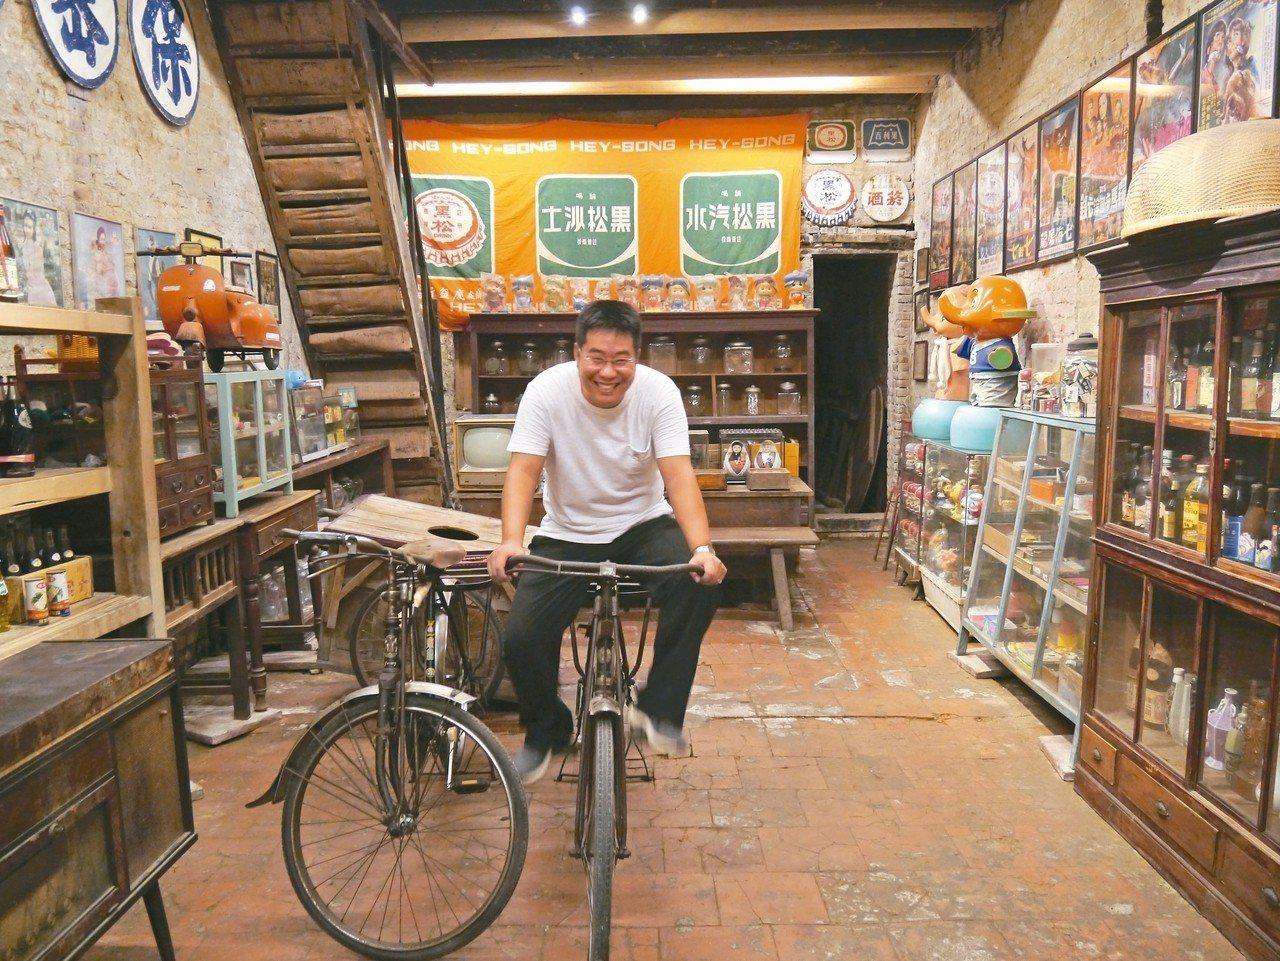 等菜時間,不妨到後頭的柑仔店一探老趣味。 記者羅建怡/攝影